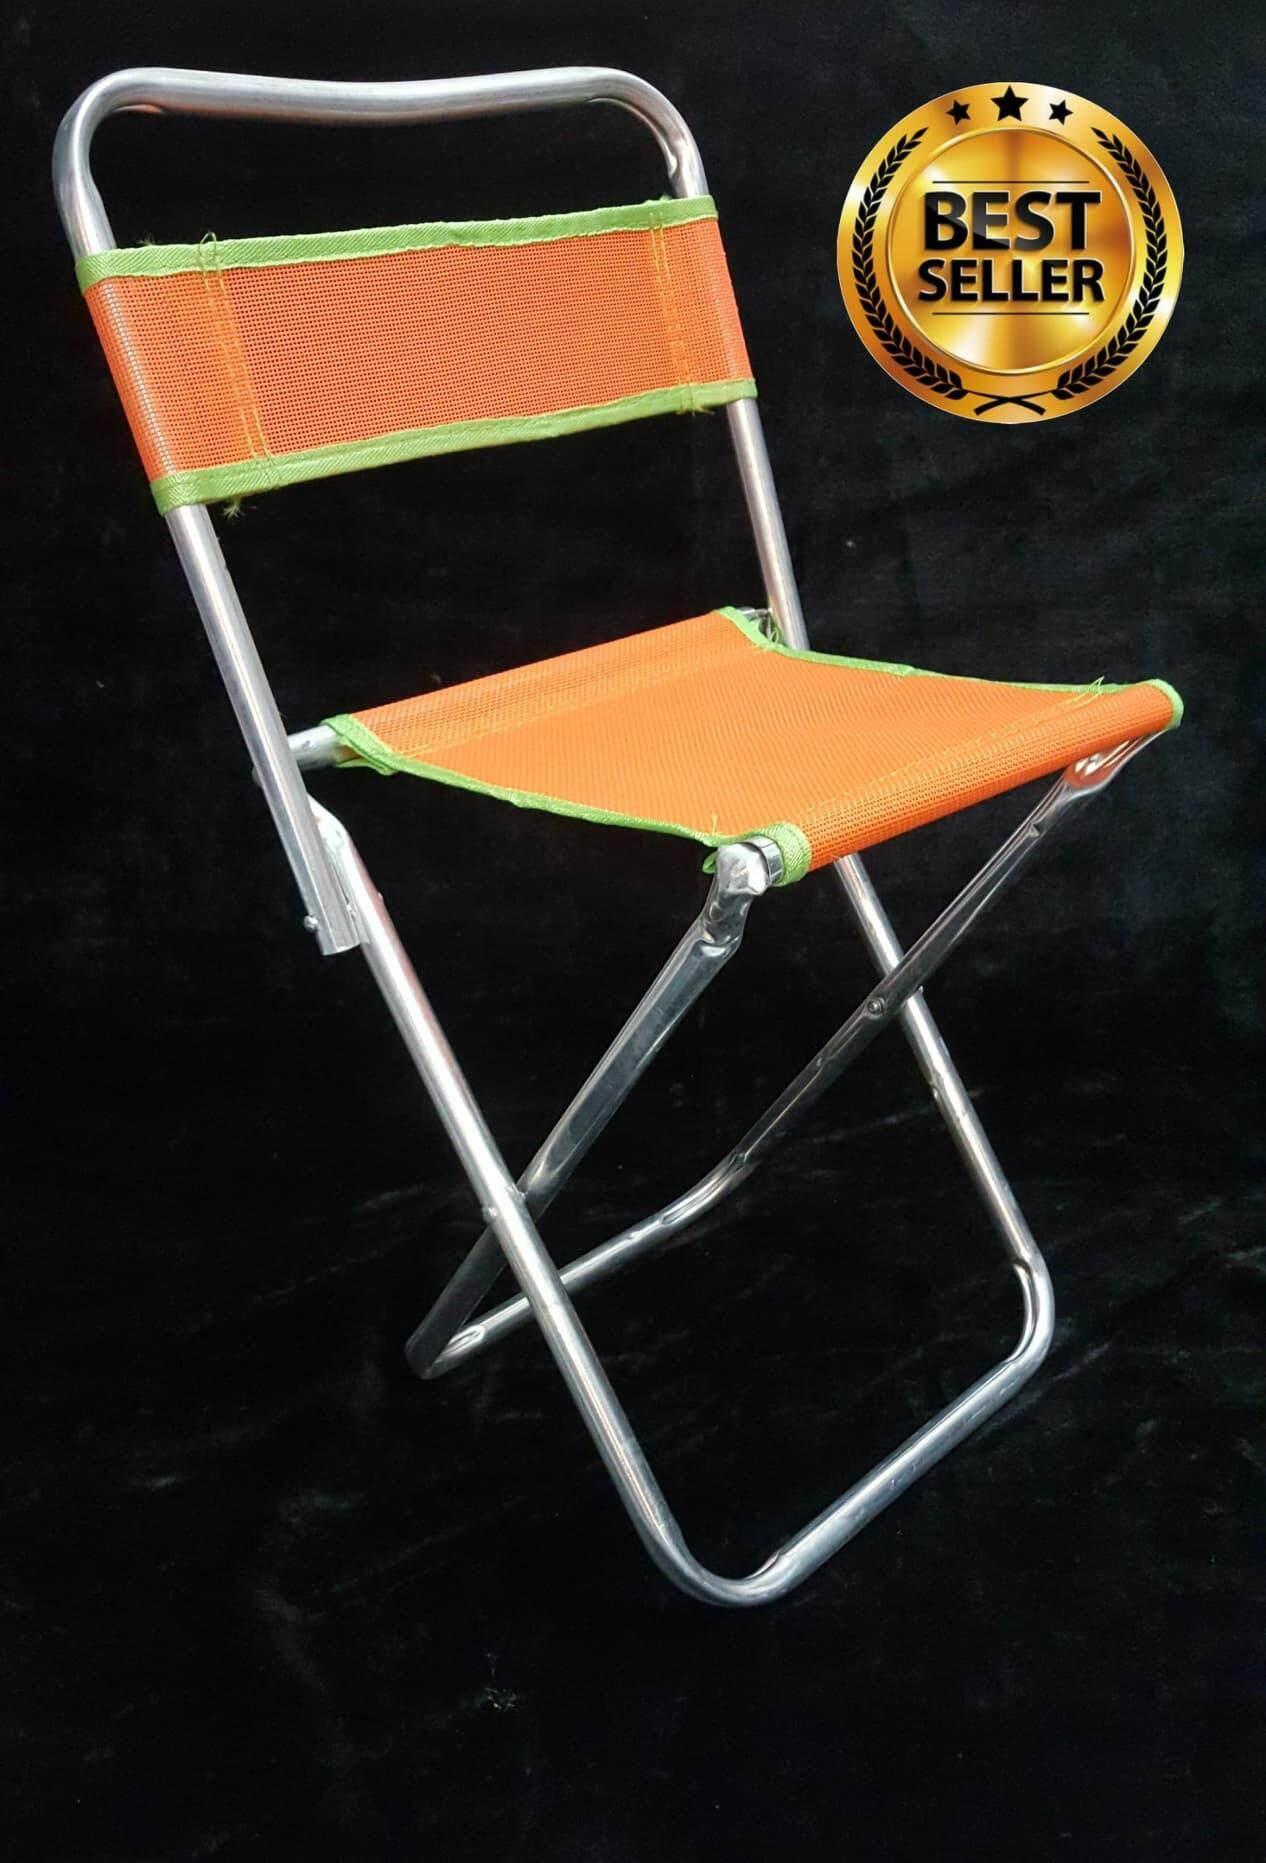 ขายดีมาก! เก้าอี้สนามพับได้ มีพนักพิง (ขนาดกลาง)...ส่งฟรี Kerry Express